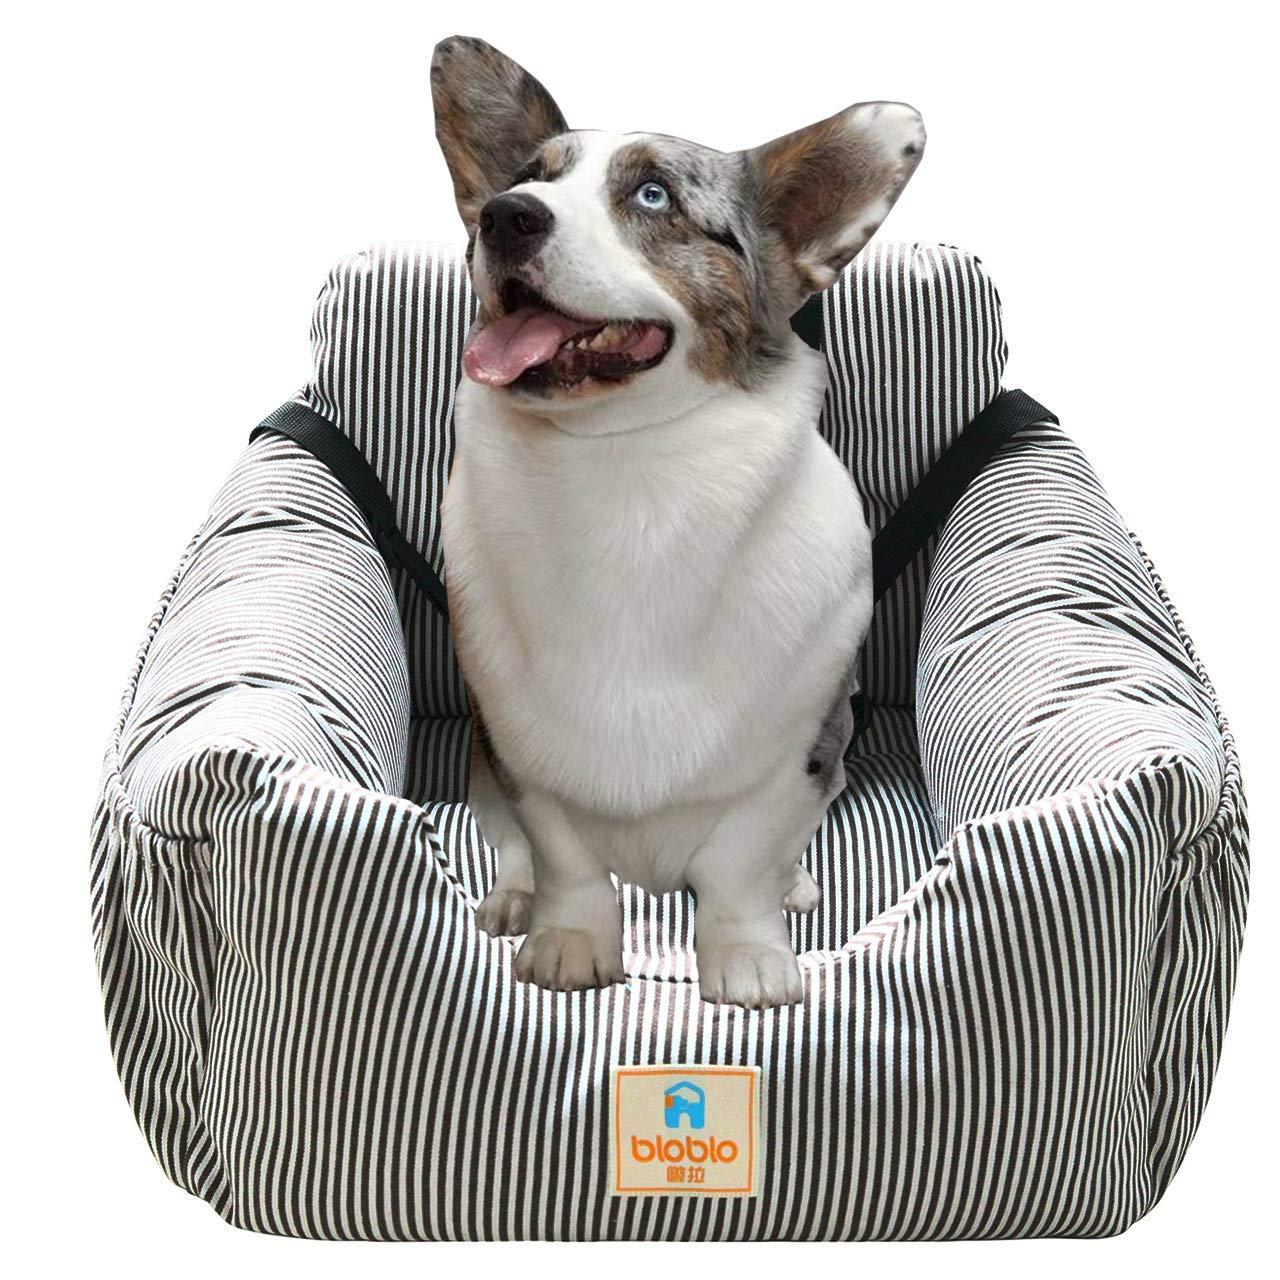 MONIKI - Asiento de Coche para Perro, Elevador de Asiento Delantero para viajeros, Lavable y Antideslizante, con cinturón y Bolsa de Almacenamiento: Amazon.es: Productos para mascotas